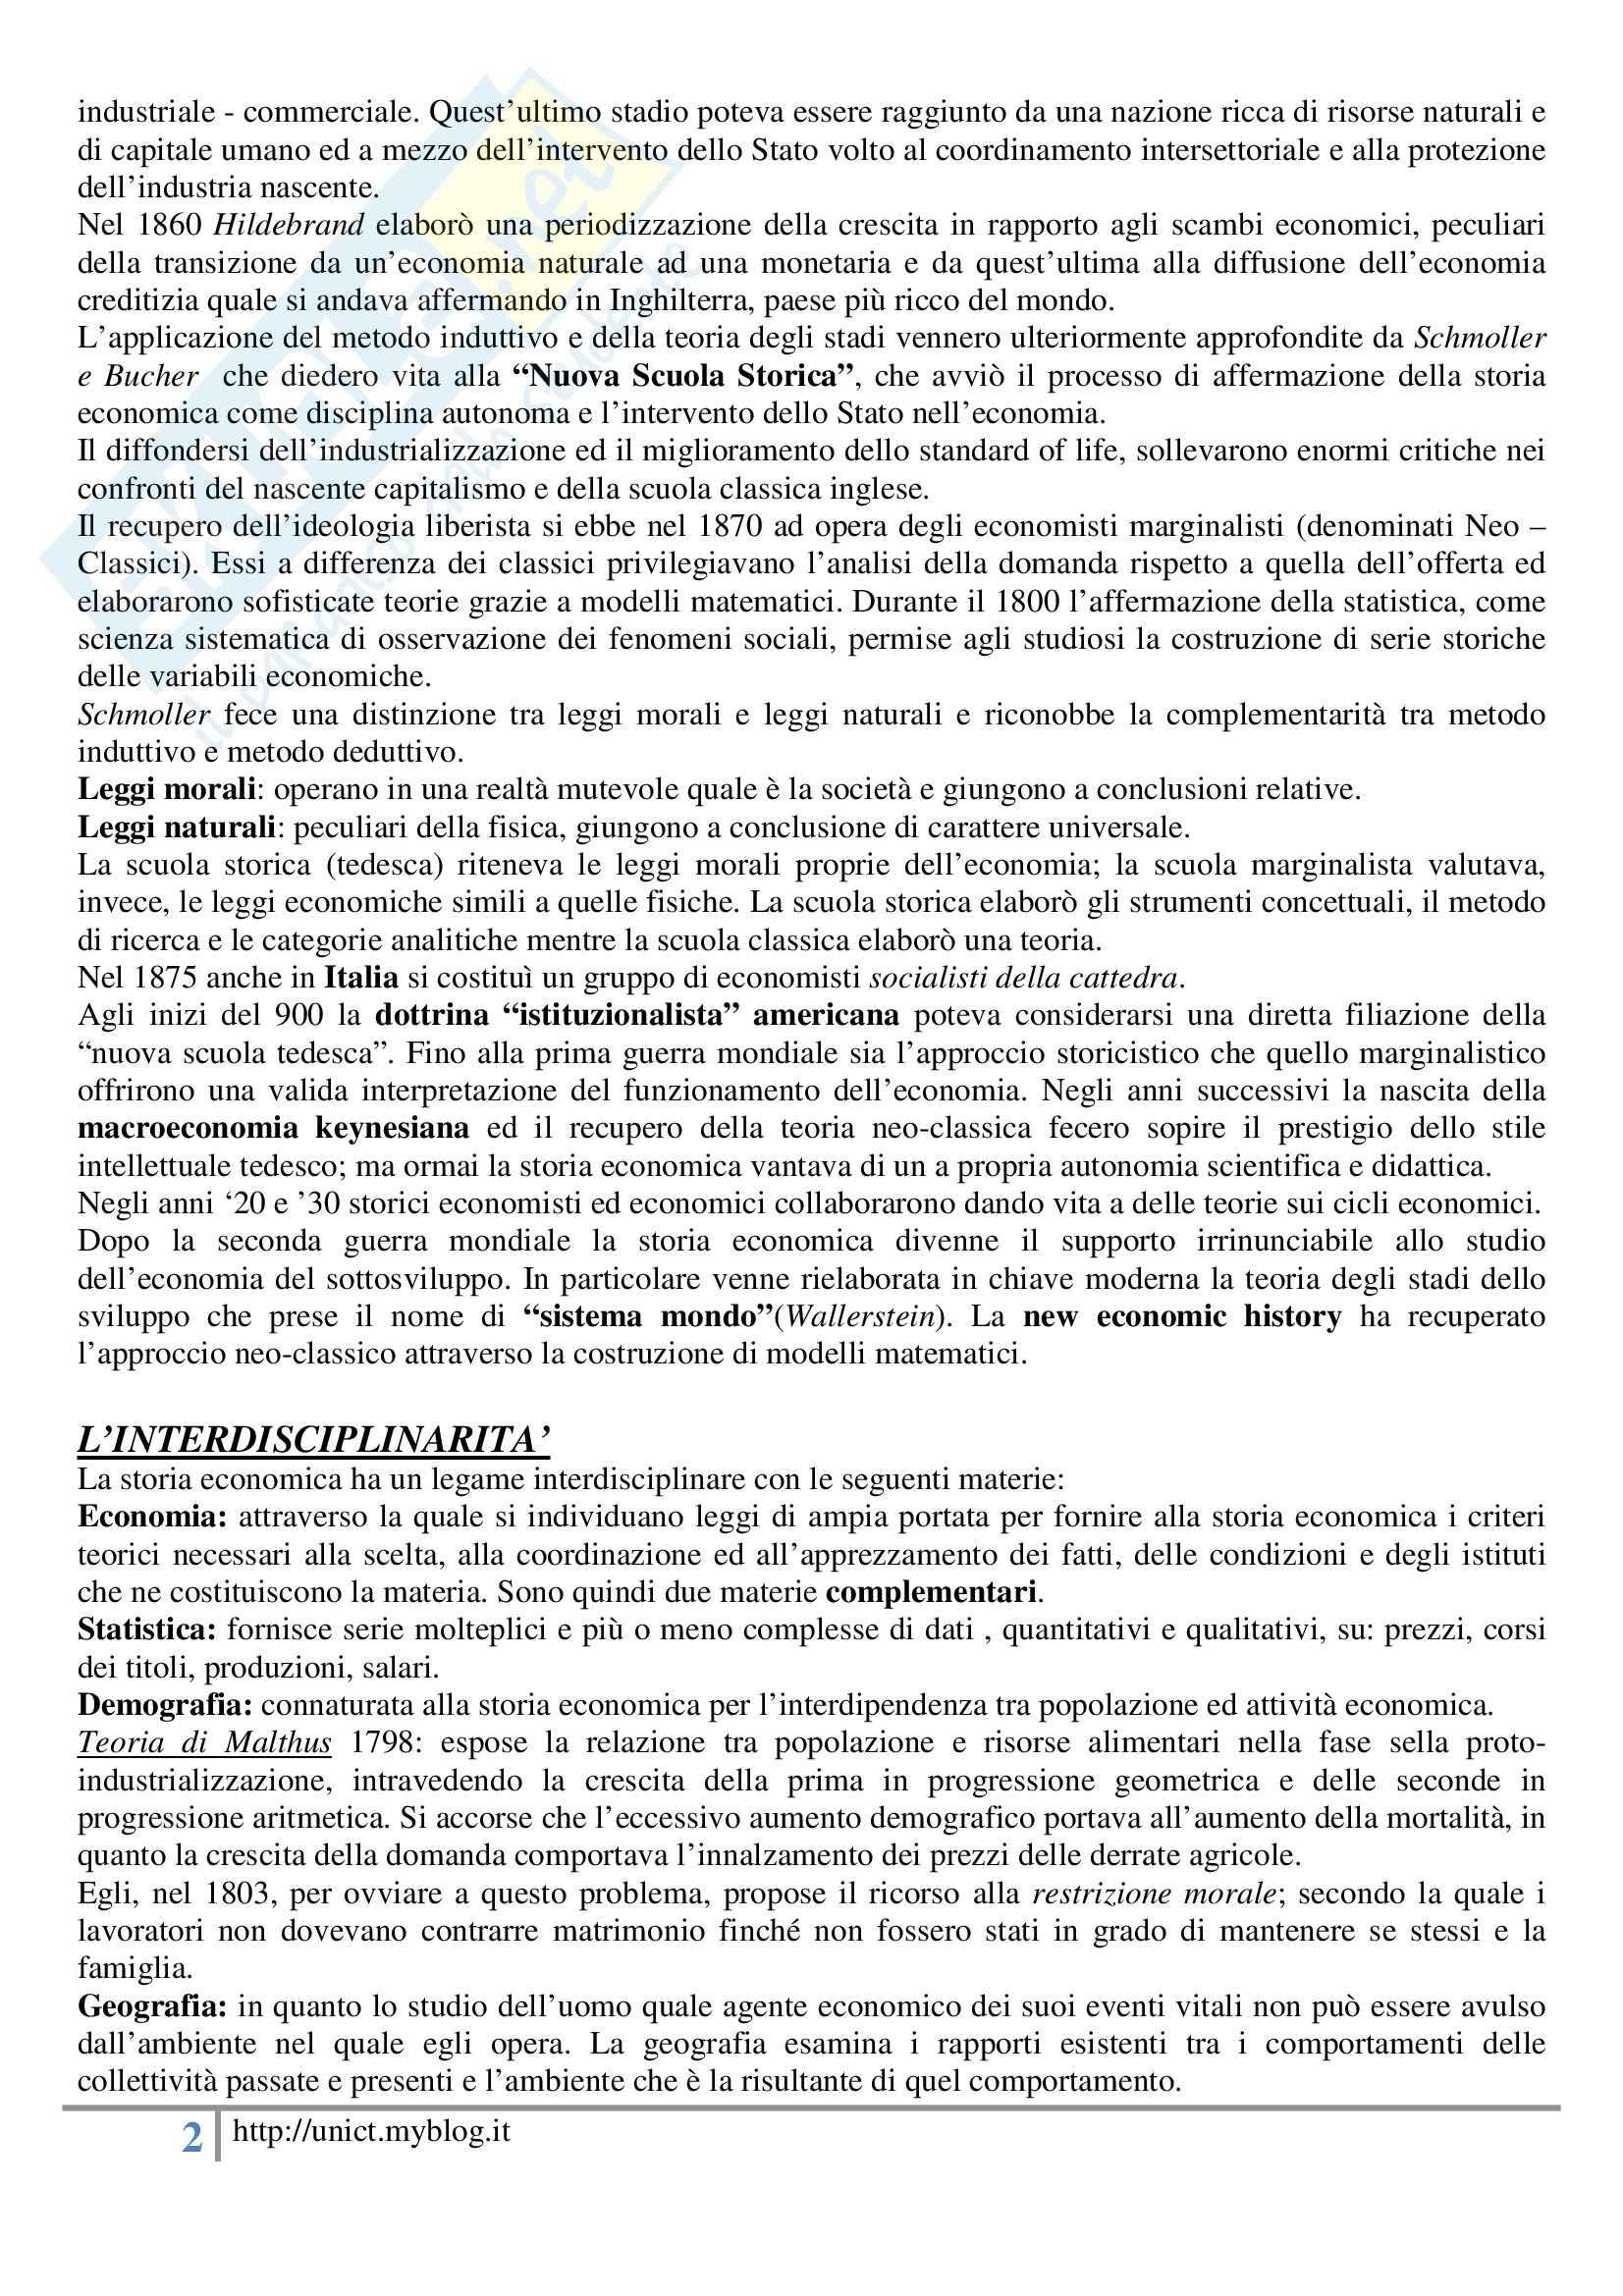 Storia dell'economia mondiale, Assante, Cipolla, Romano - Appunti Pag. 2